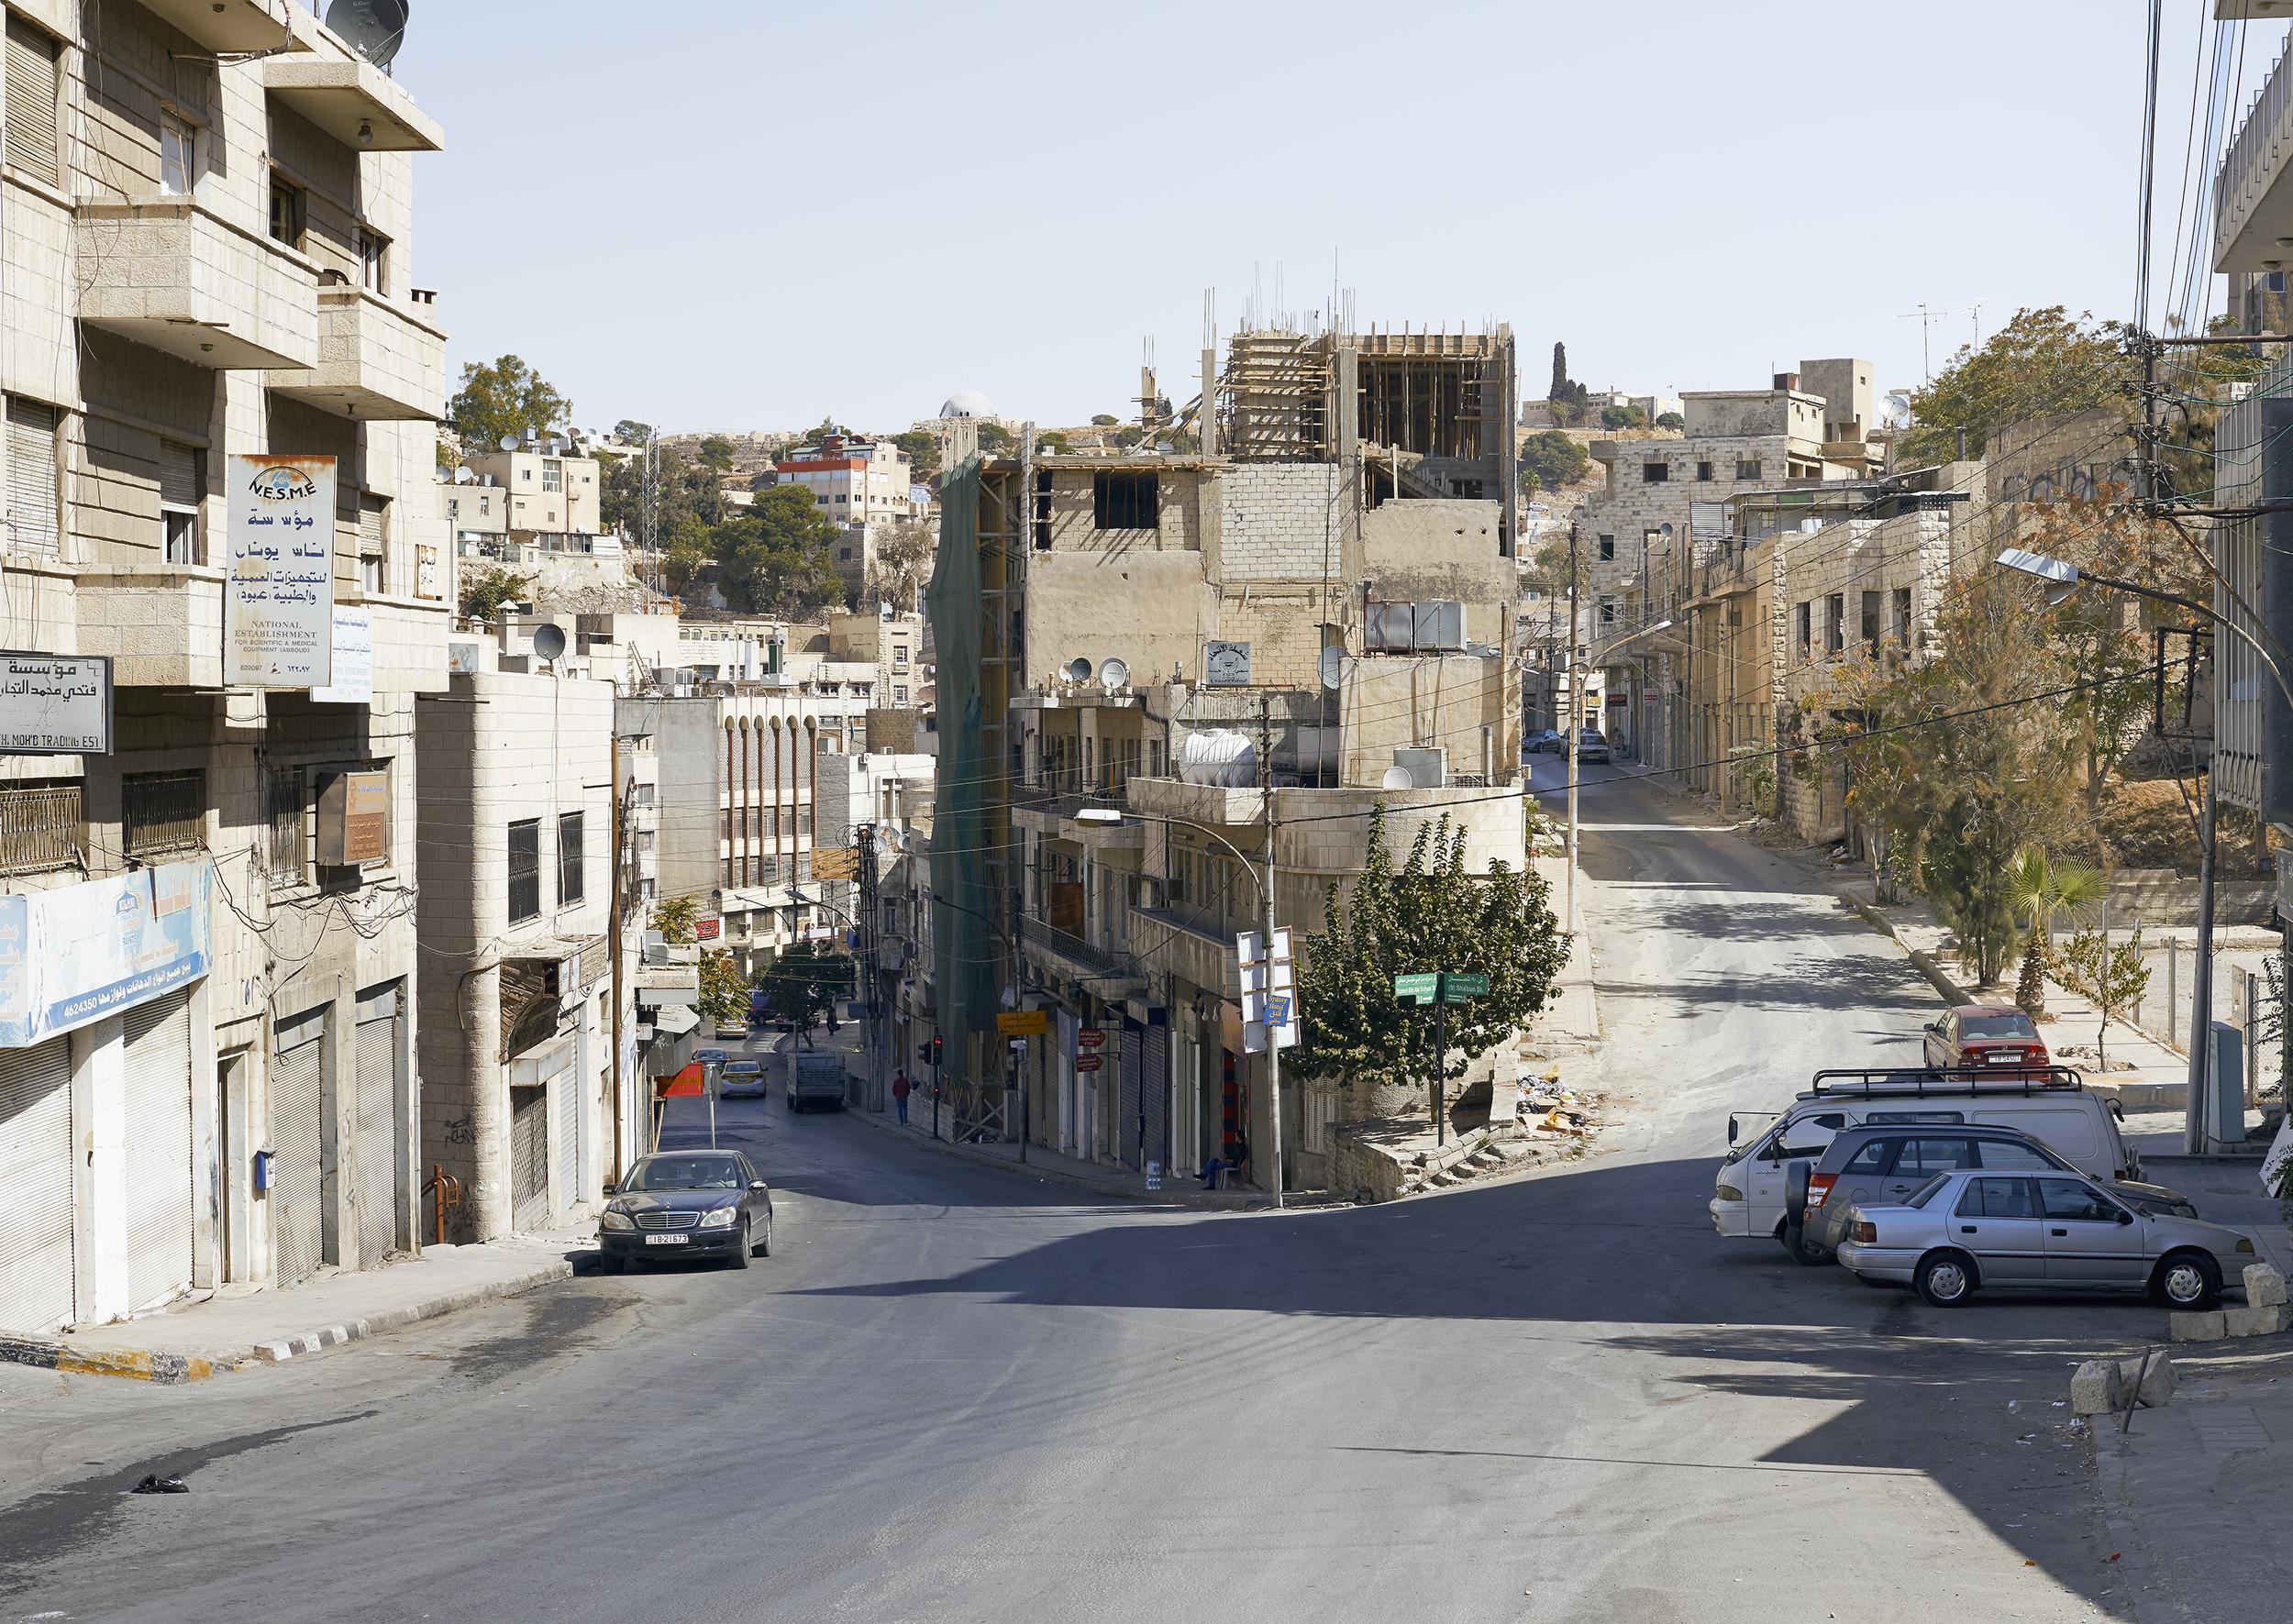 Downtown, Amman, 2013